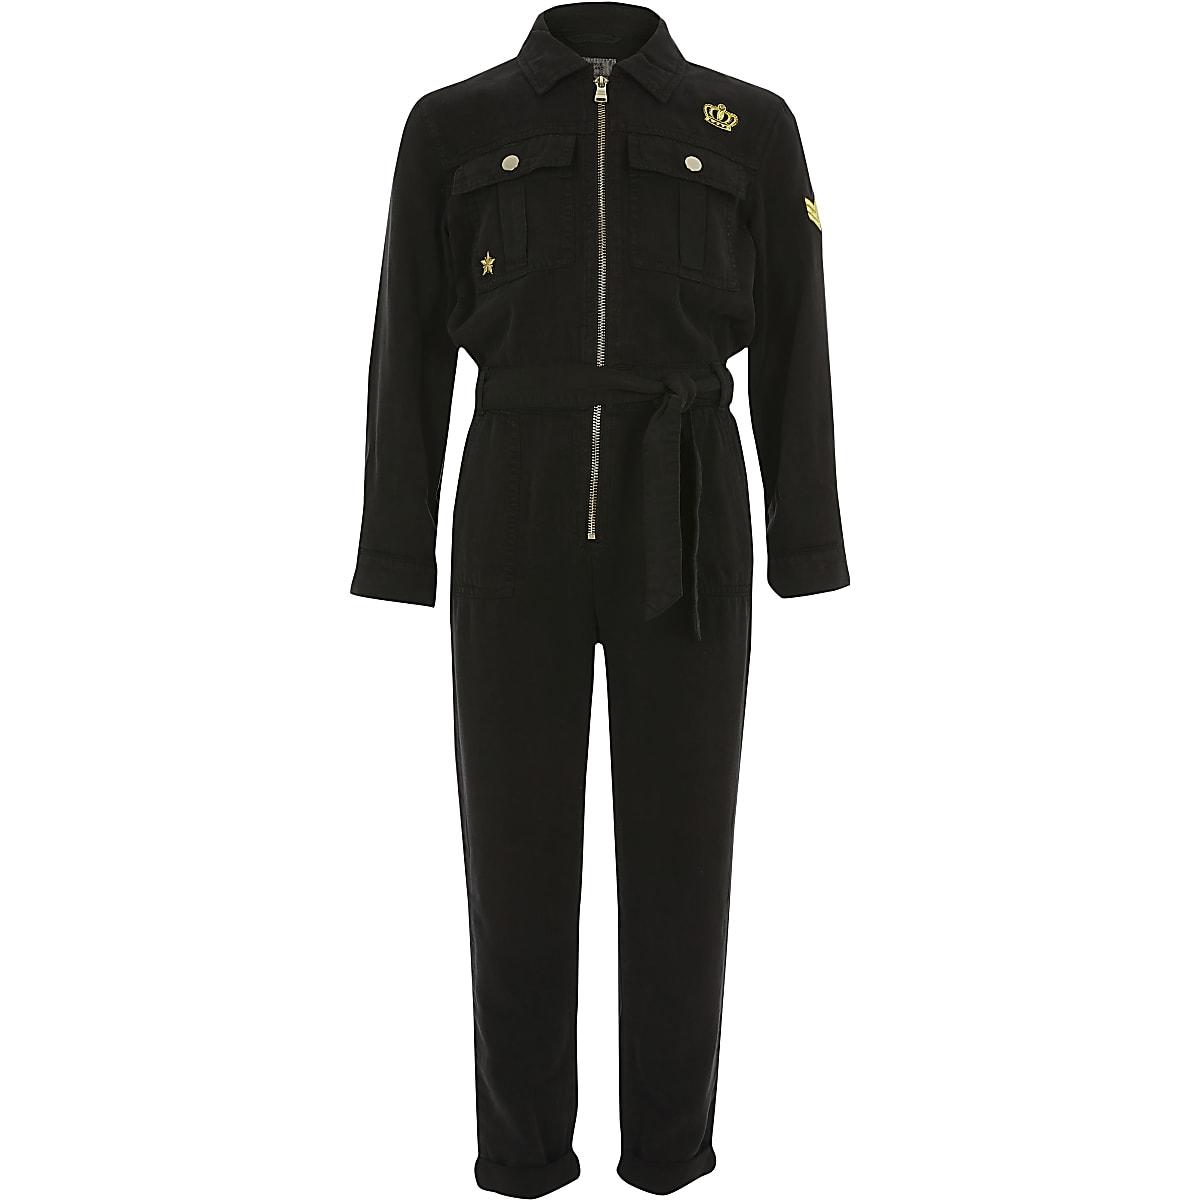 Zwart verfraaid utility jumpsuit voor meisjes